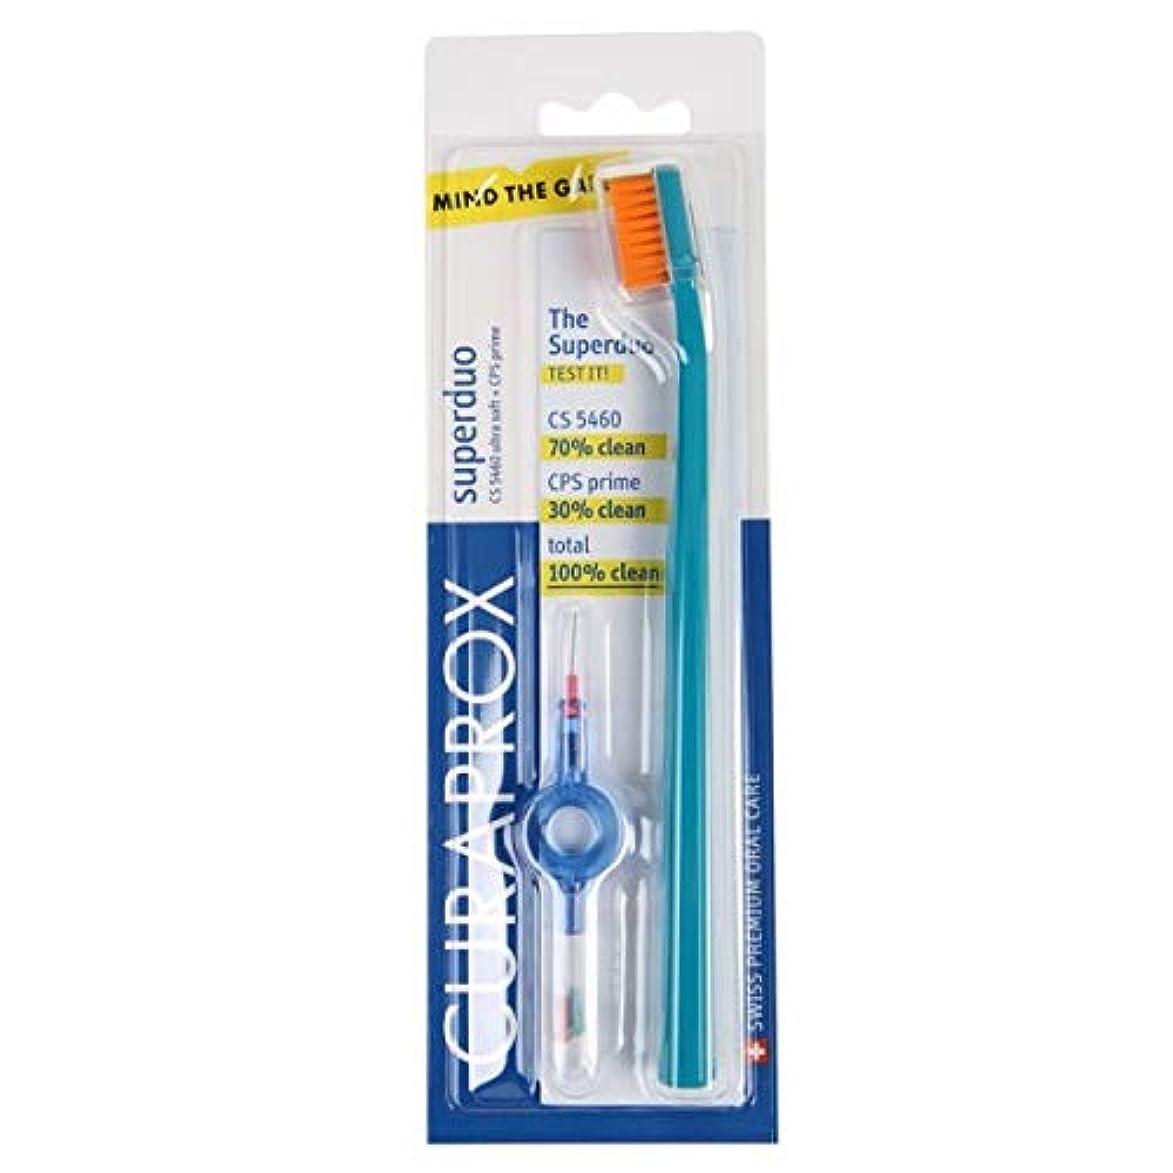 自分のためにインシュレータ後退するクラプロックス 歯ブラシ+歯間ブラシ セット CS 5460 + CPS 06/07/08, UHS 409 holder + cap